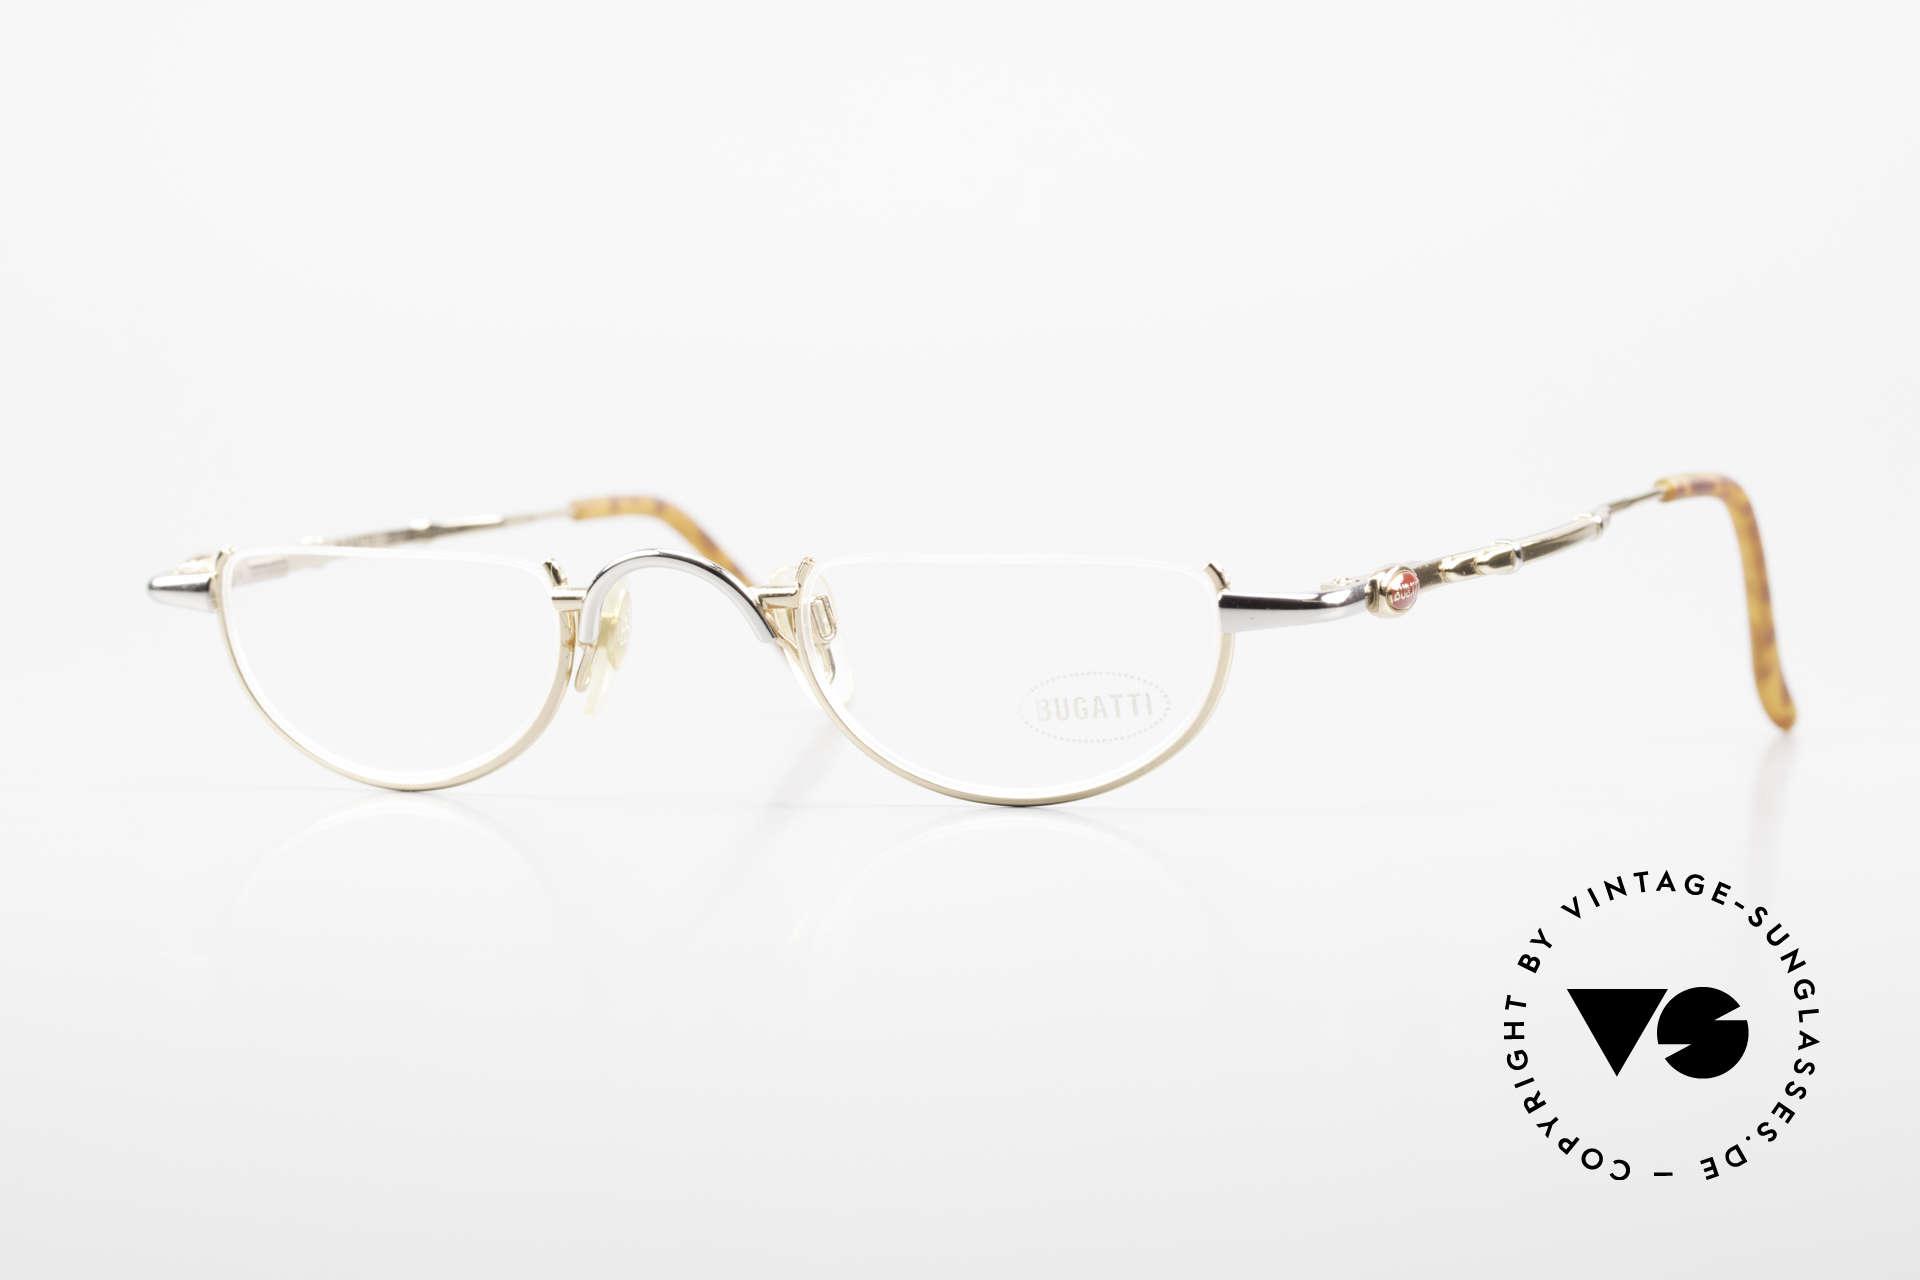 Bugatti 28108 Men's Reading Frame Bicolor, very noble men's reading eyeglass-frame by Bugatti, Made for Men